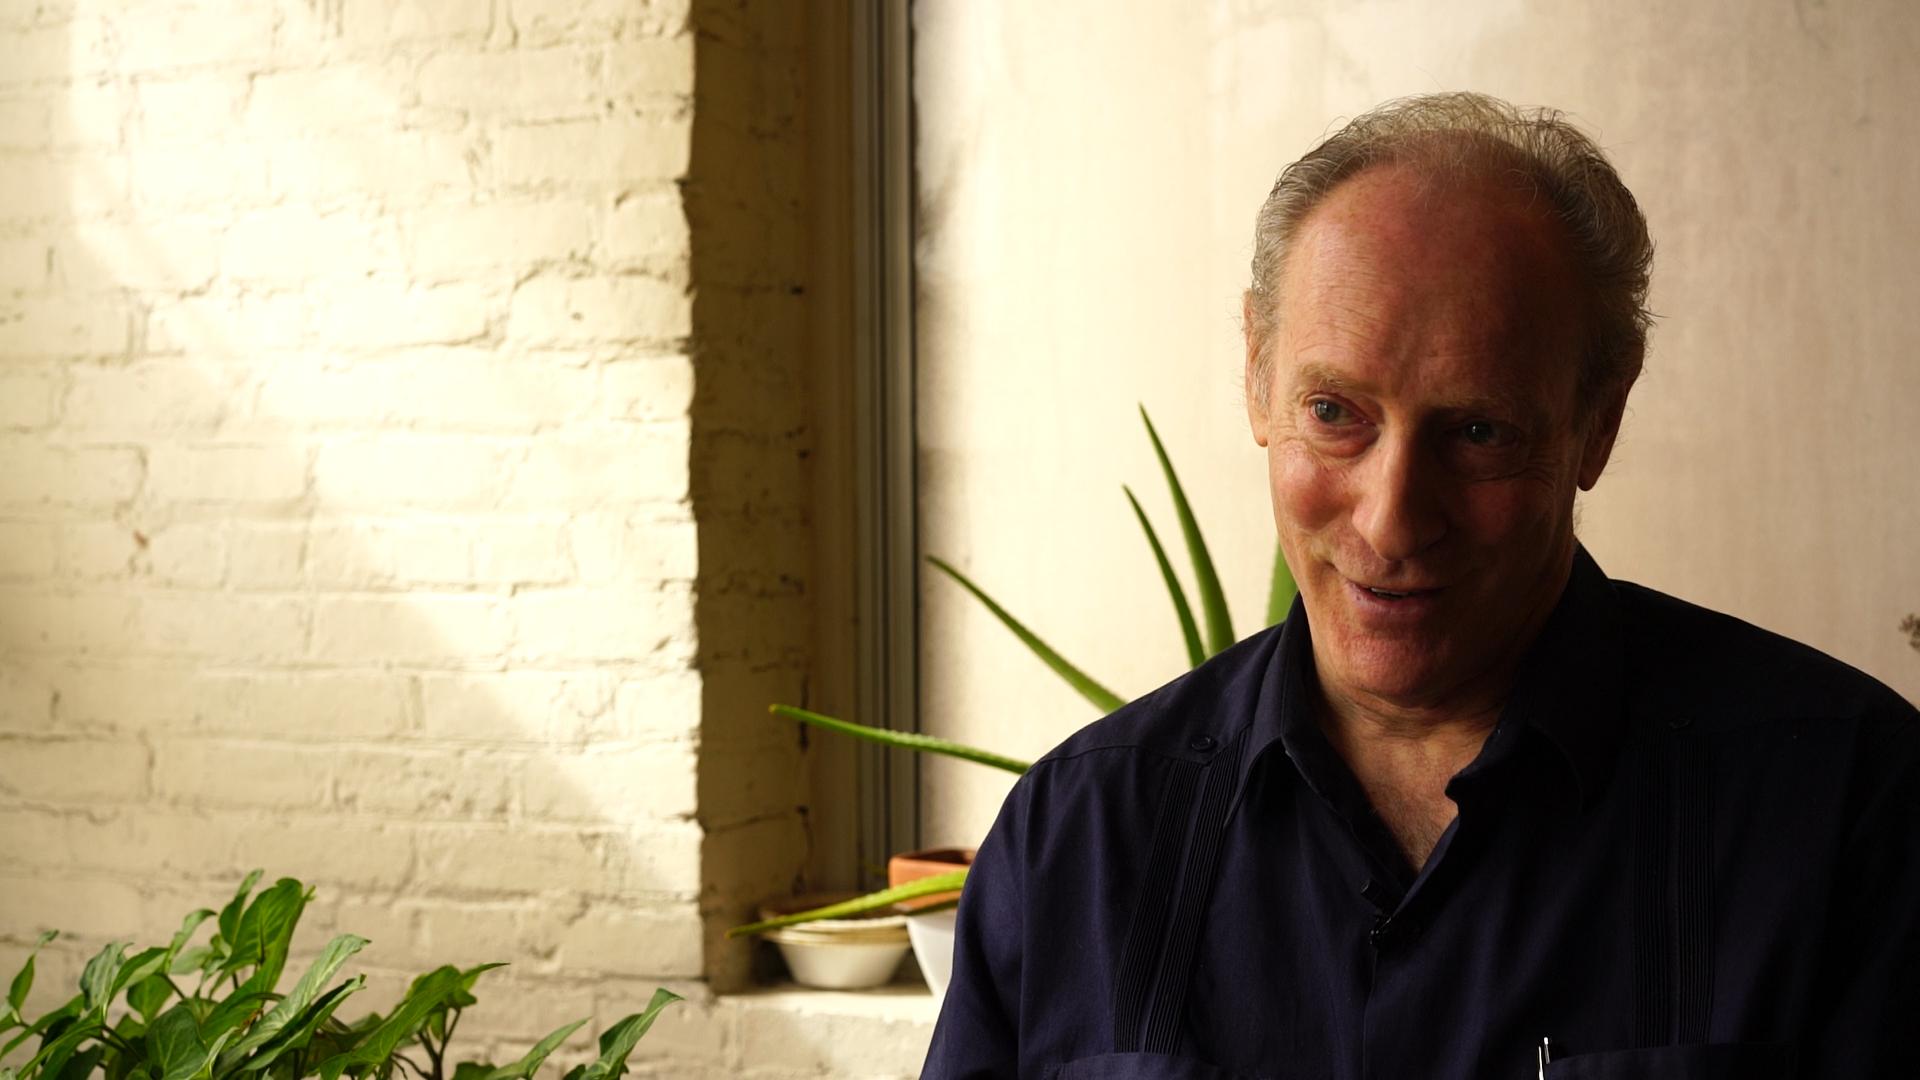 Dr. Kenneth Alper